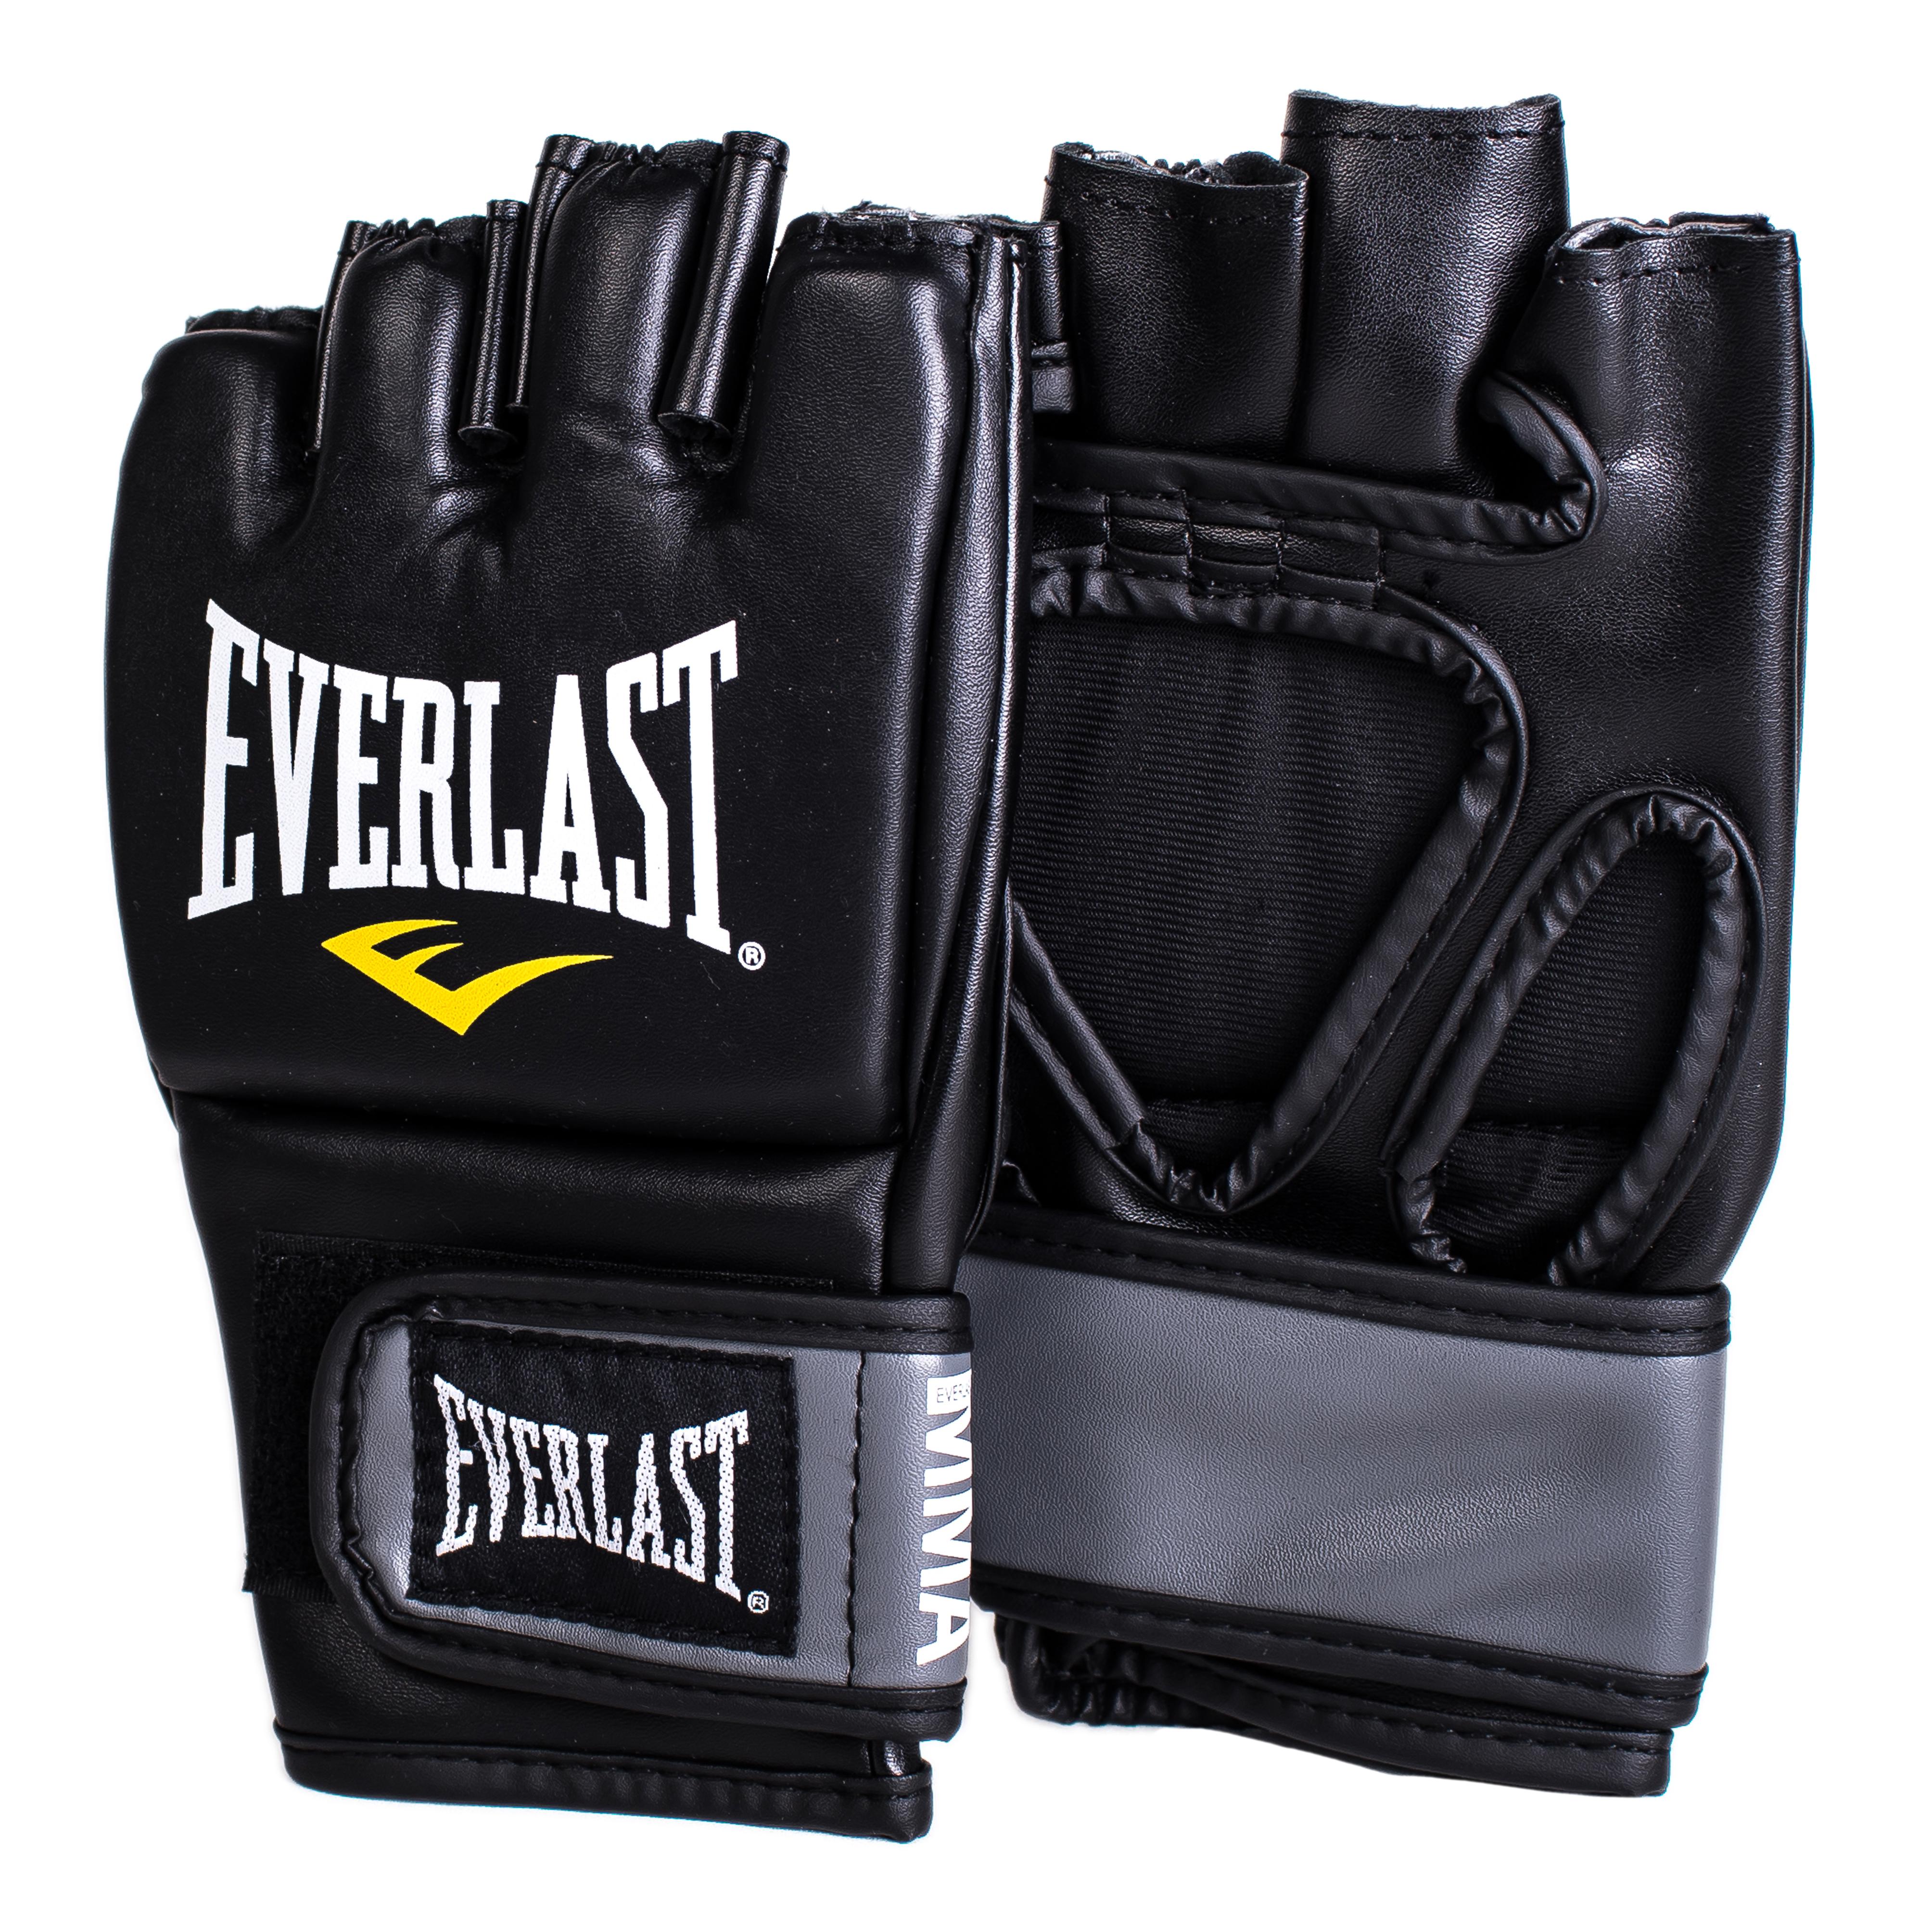 Перчатки тренировочные Everlast Pro Style Grappling, цвет: черный. Размер L/XL цена